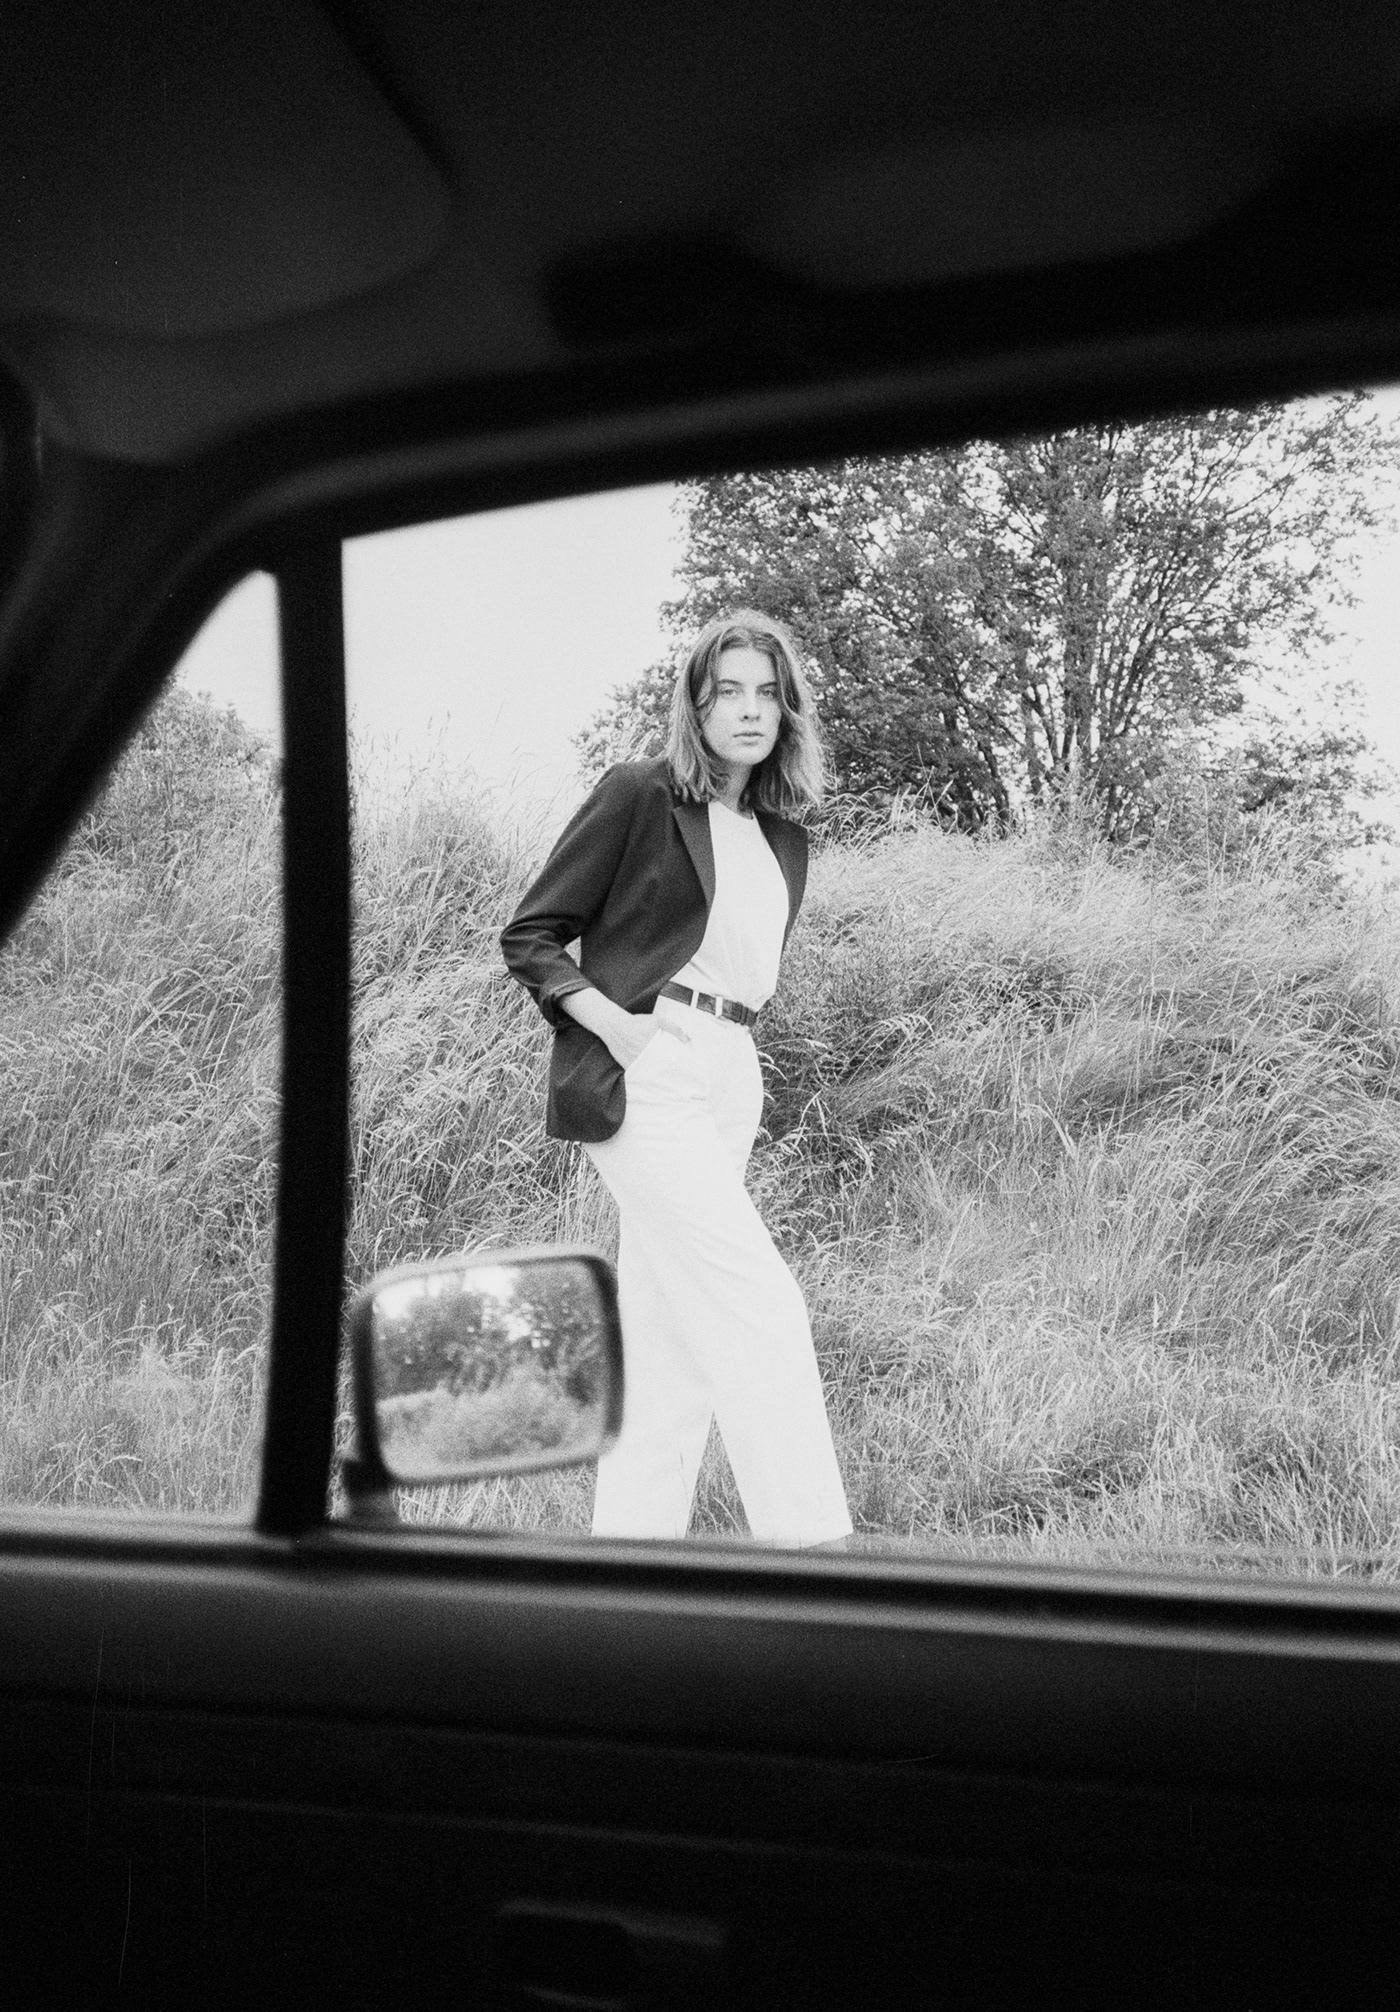 35mm analog black bw Fashion  Film   hp5 ILFORD vintage White